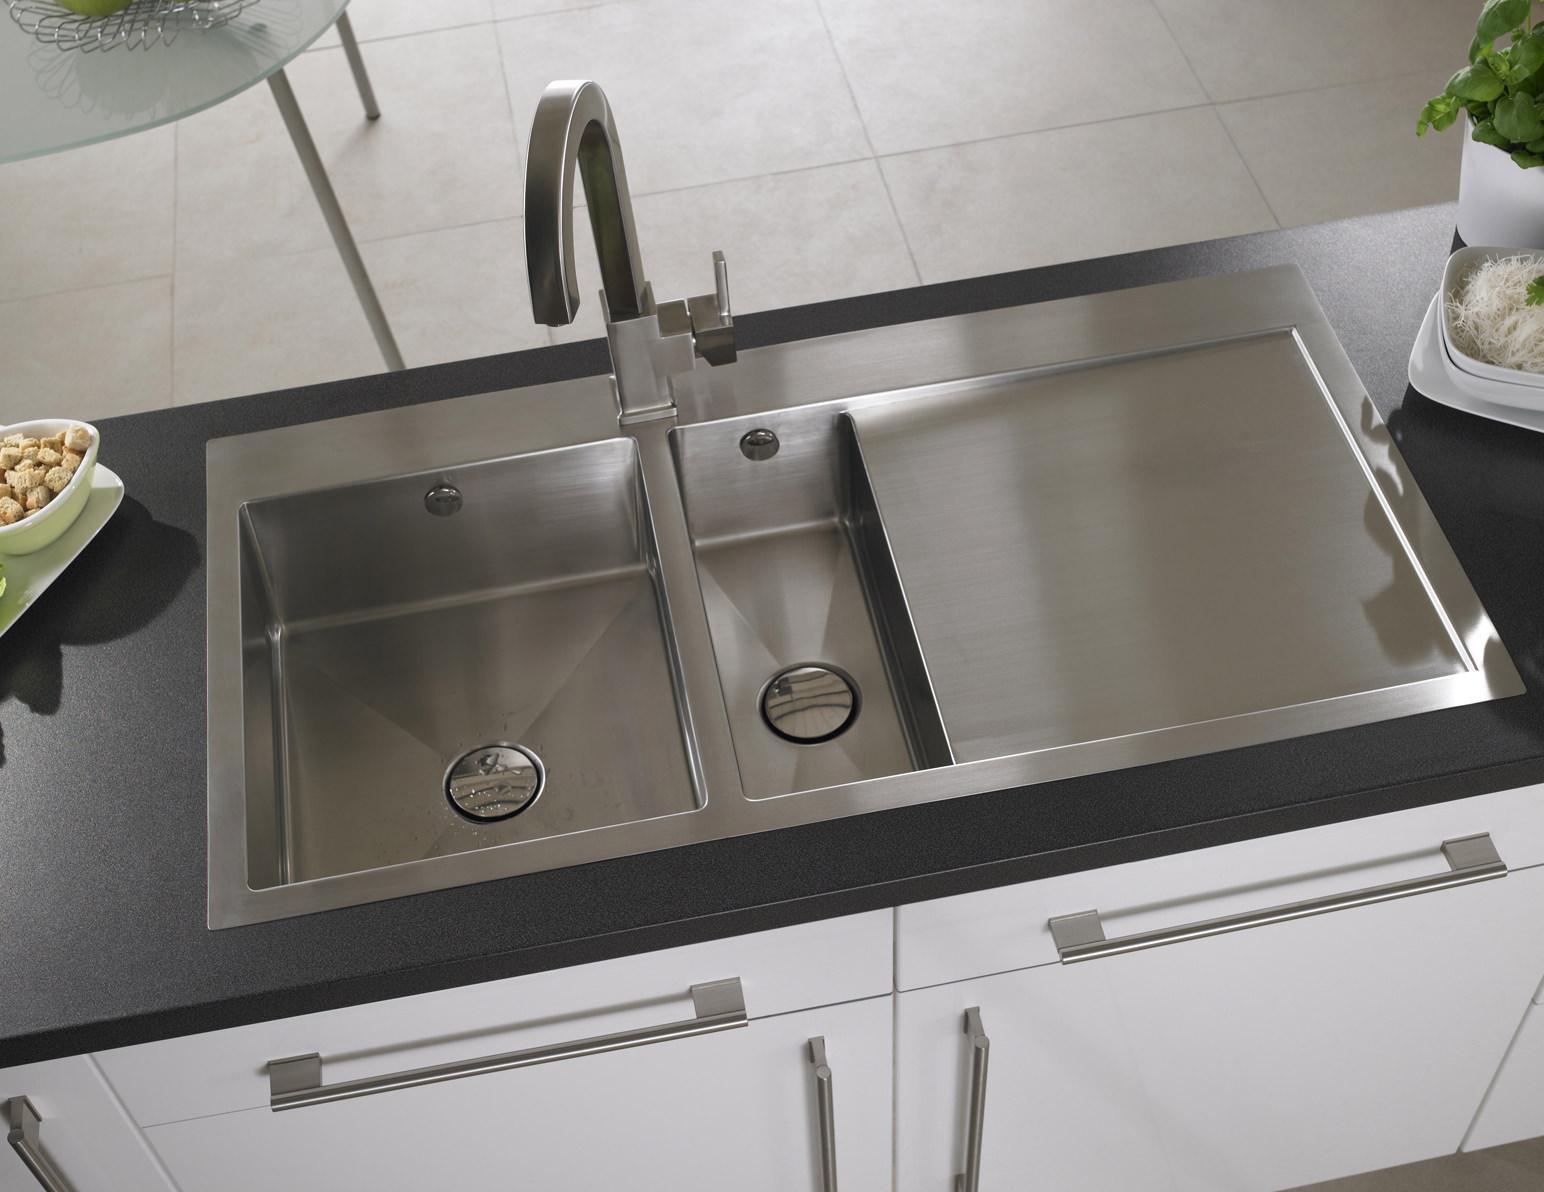 Astracast Kitchen Sinks Accessories